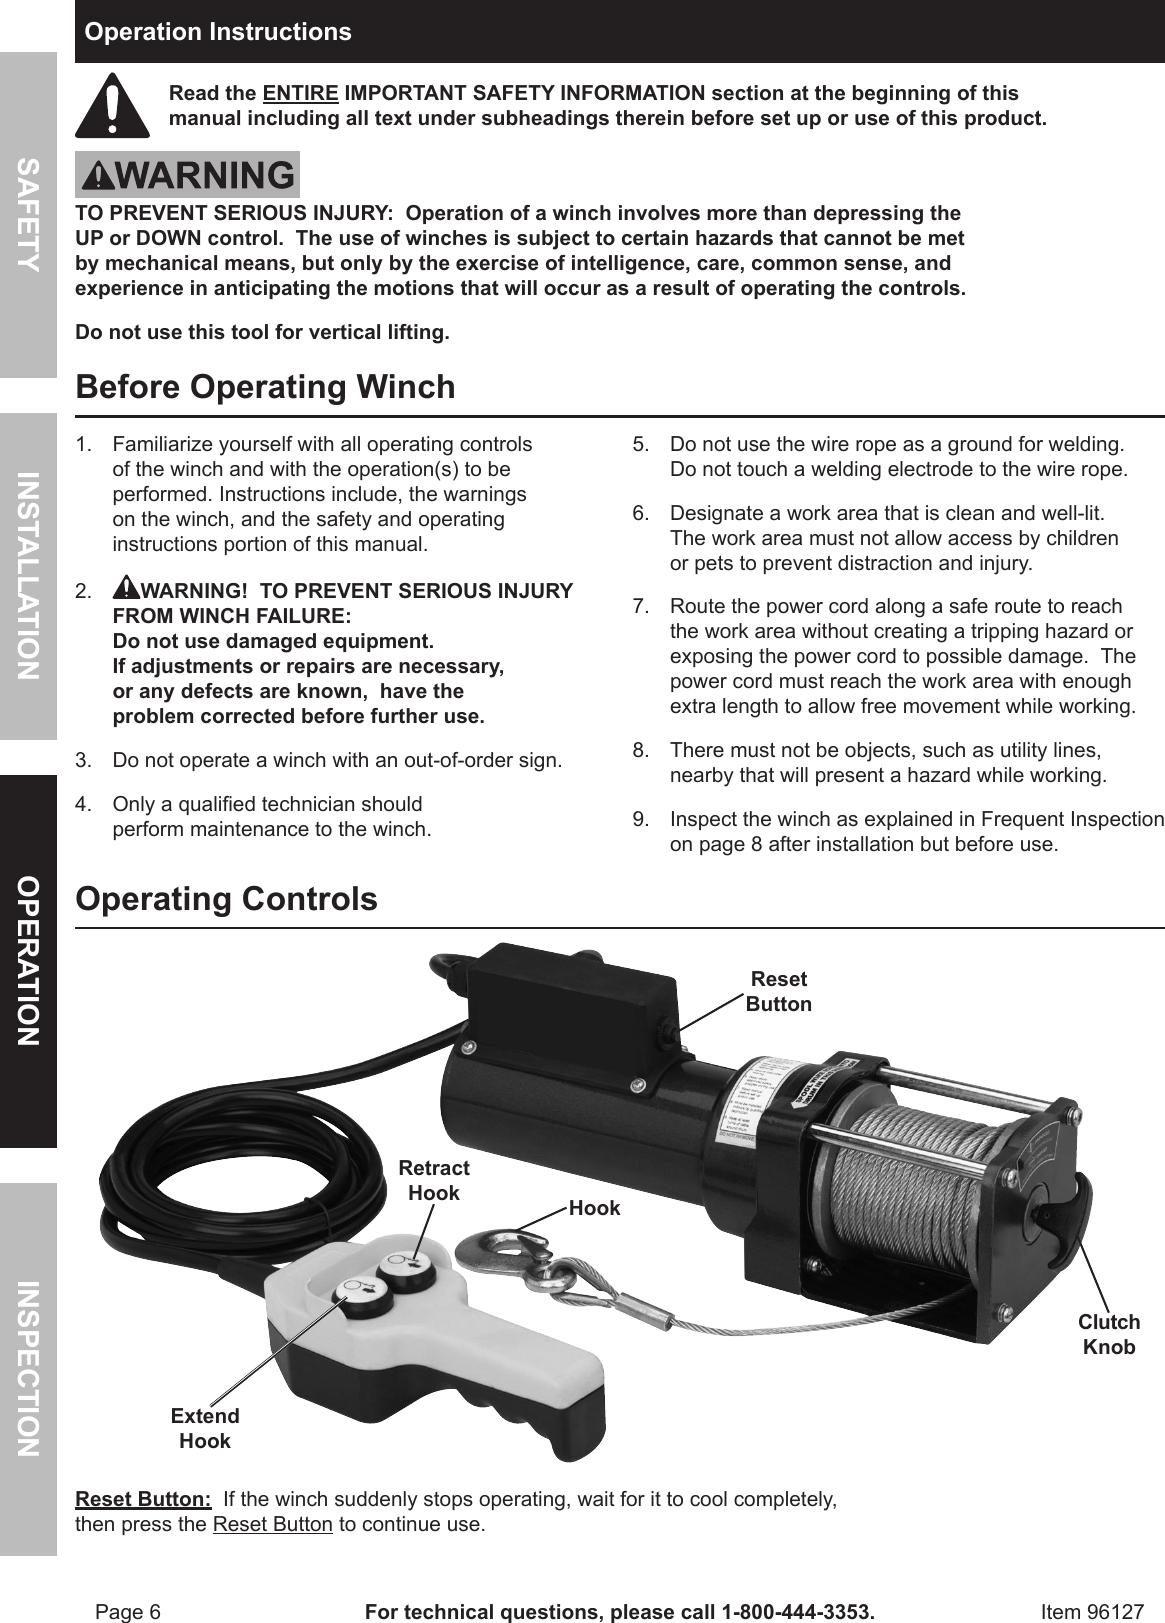 Pierce Winch Remote Wiring Diagram. Badland Winches Wireless Remote on badlands winch problems, badlands 12000 winch, badlands illuminator diagram, badlands winch remote, badlands winch wiring kit, badlands winch solenoid wiring, badlands logo, badlands winch plate, badlands 2000 lb winch wiring,